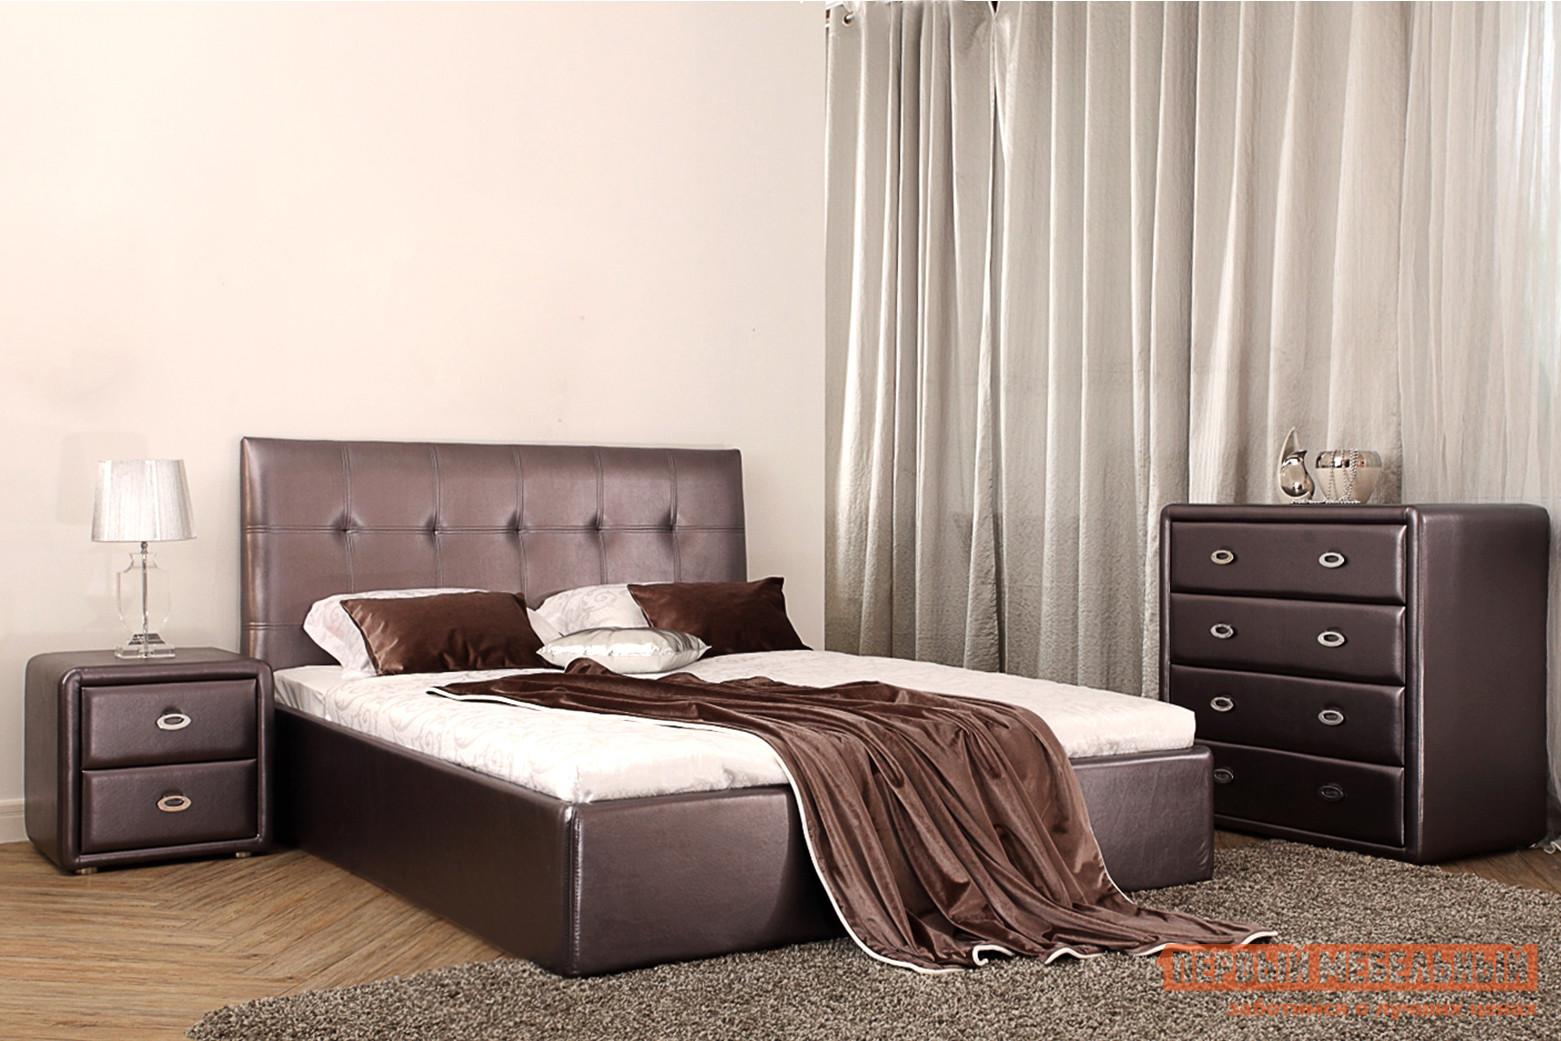 Двуспальная кровать Первый Мебельный Кровать Айова 140х200, 160х200, 180х200 кровать амели 180х200